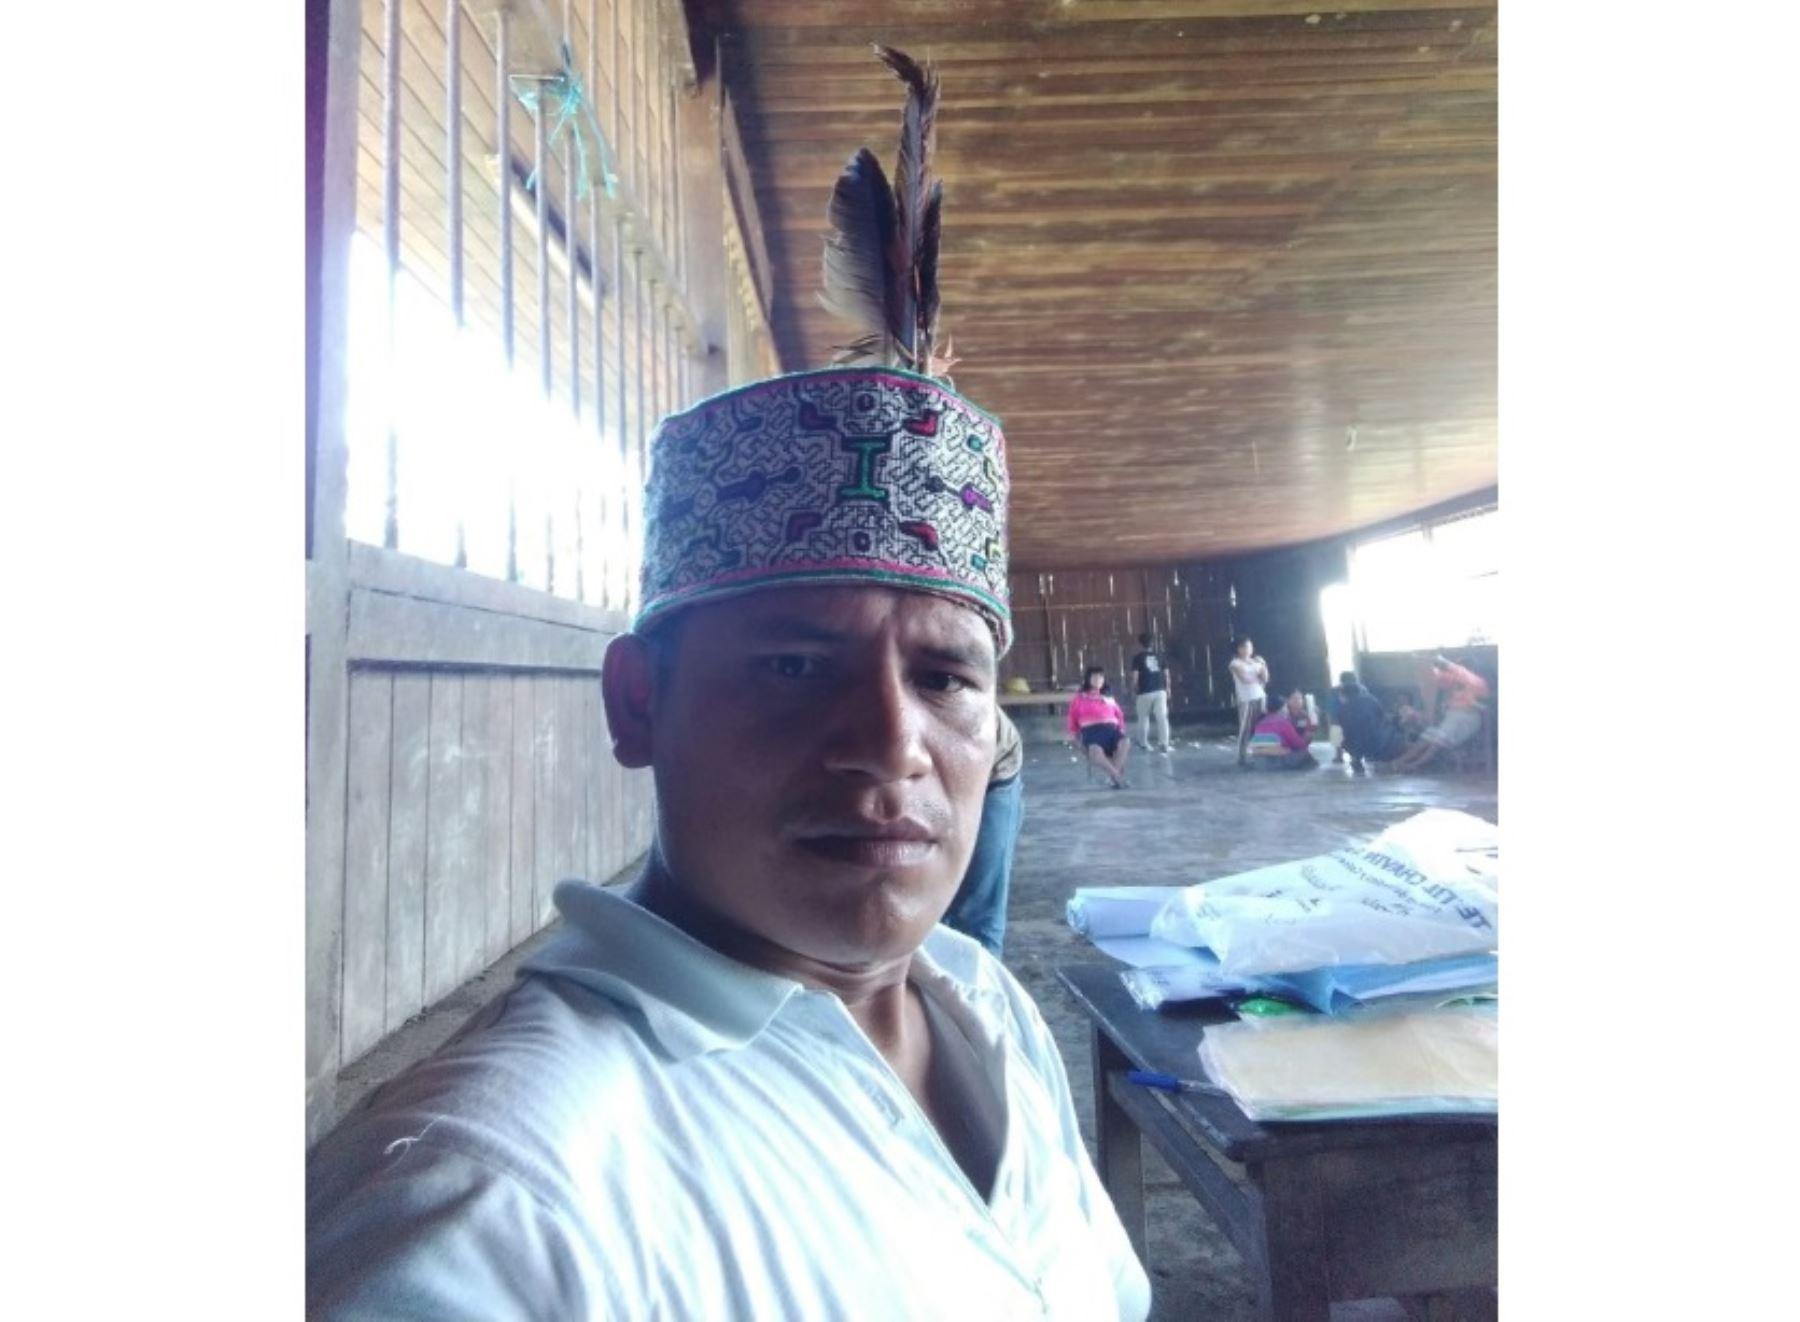 Gobierno lamenta el crimen de líder asháninka y defensor ambiental Mario Marco López Huanca quien sufrió un atentado en su comunidad Shirarine, ubicada en la selva de Pasco. Foto: Facebook